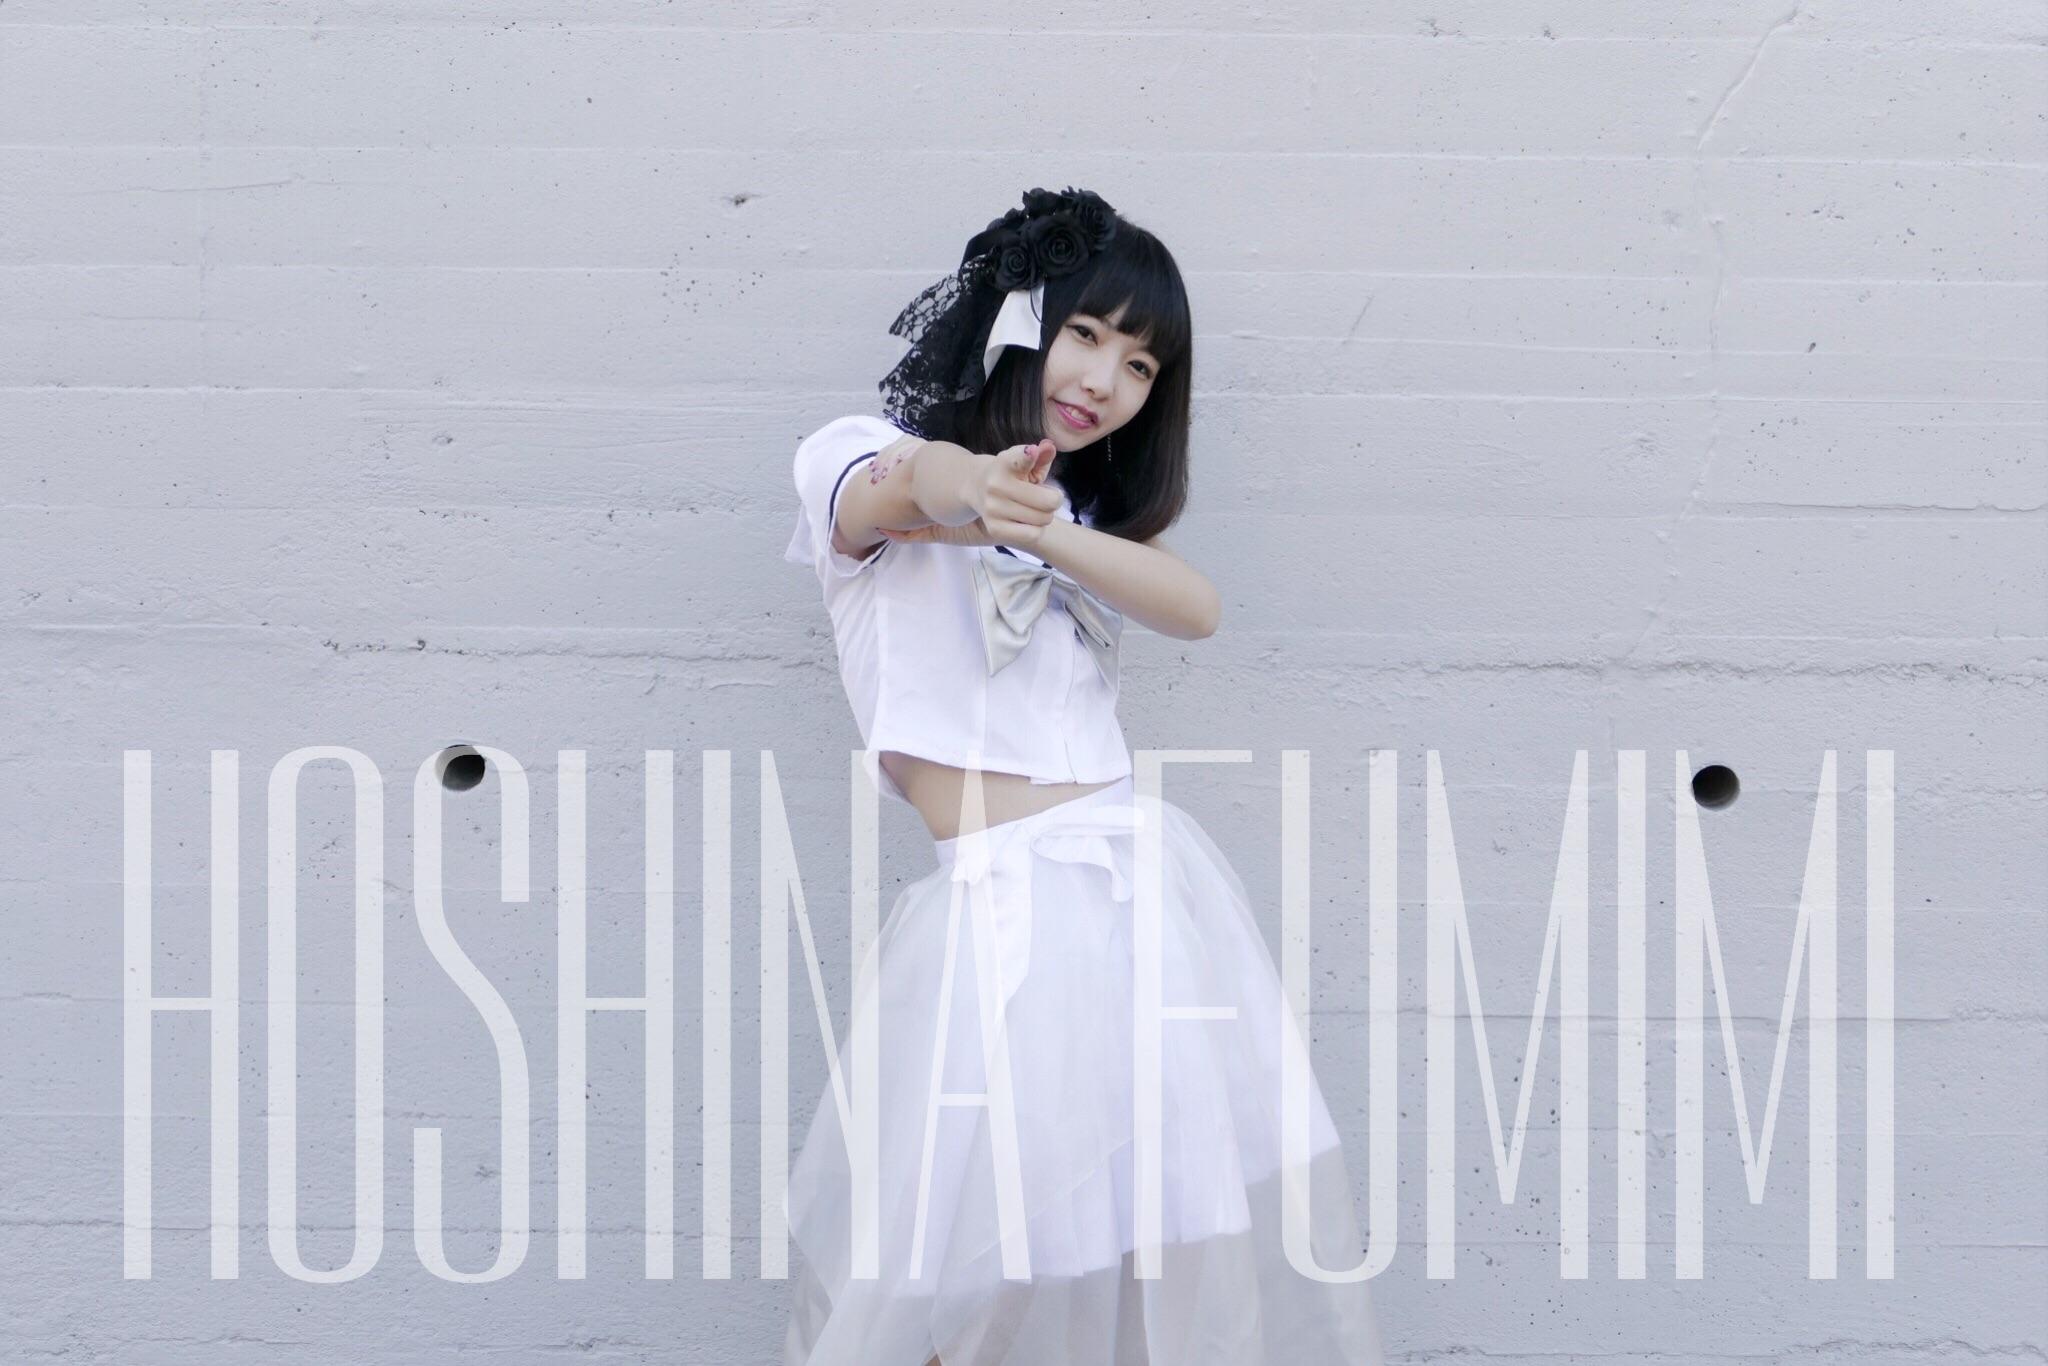 hoshina233